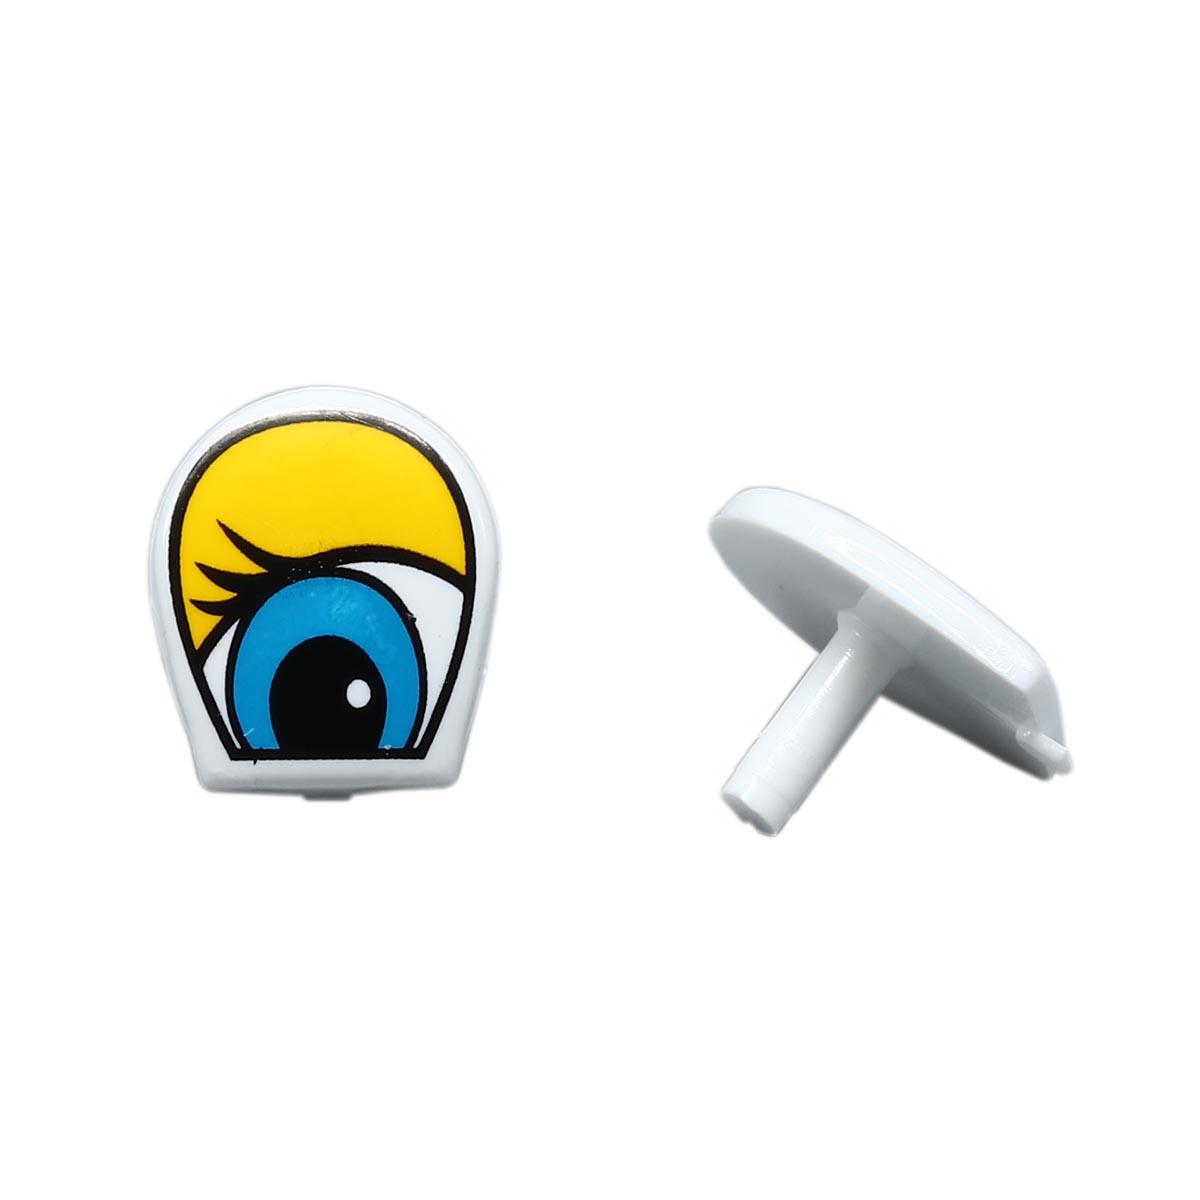 г33-3цв Глаза для игрушек 1,5*1,8см пластик.